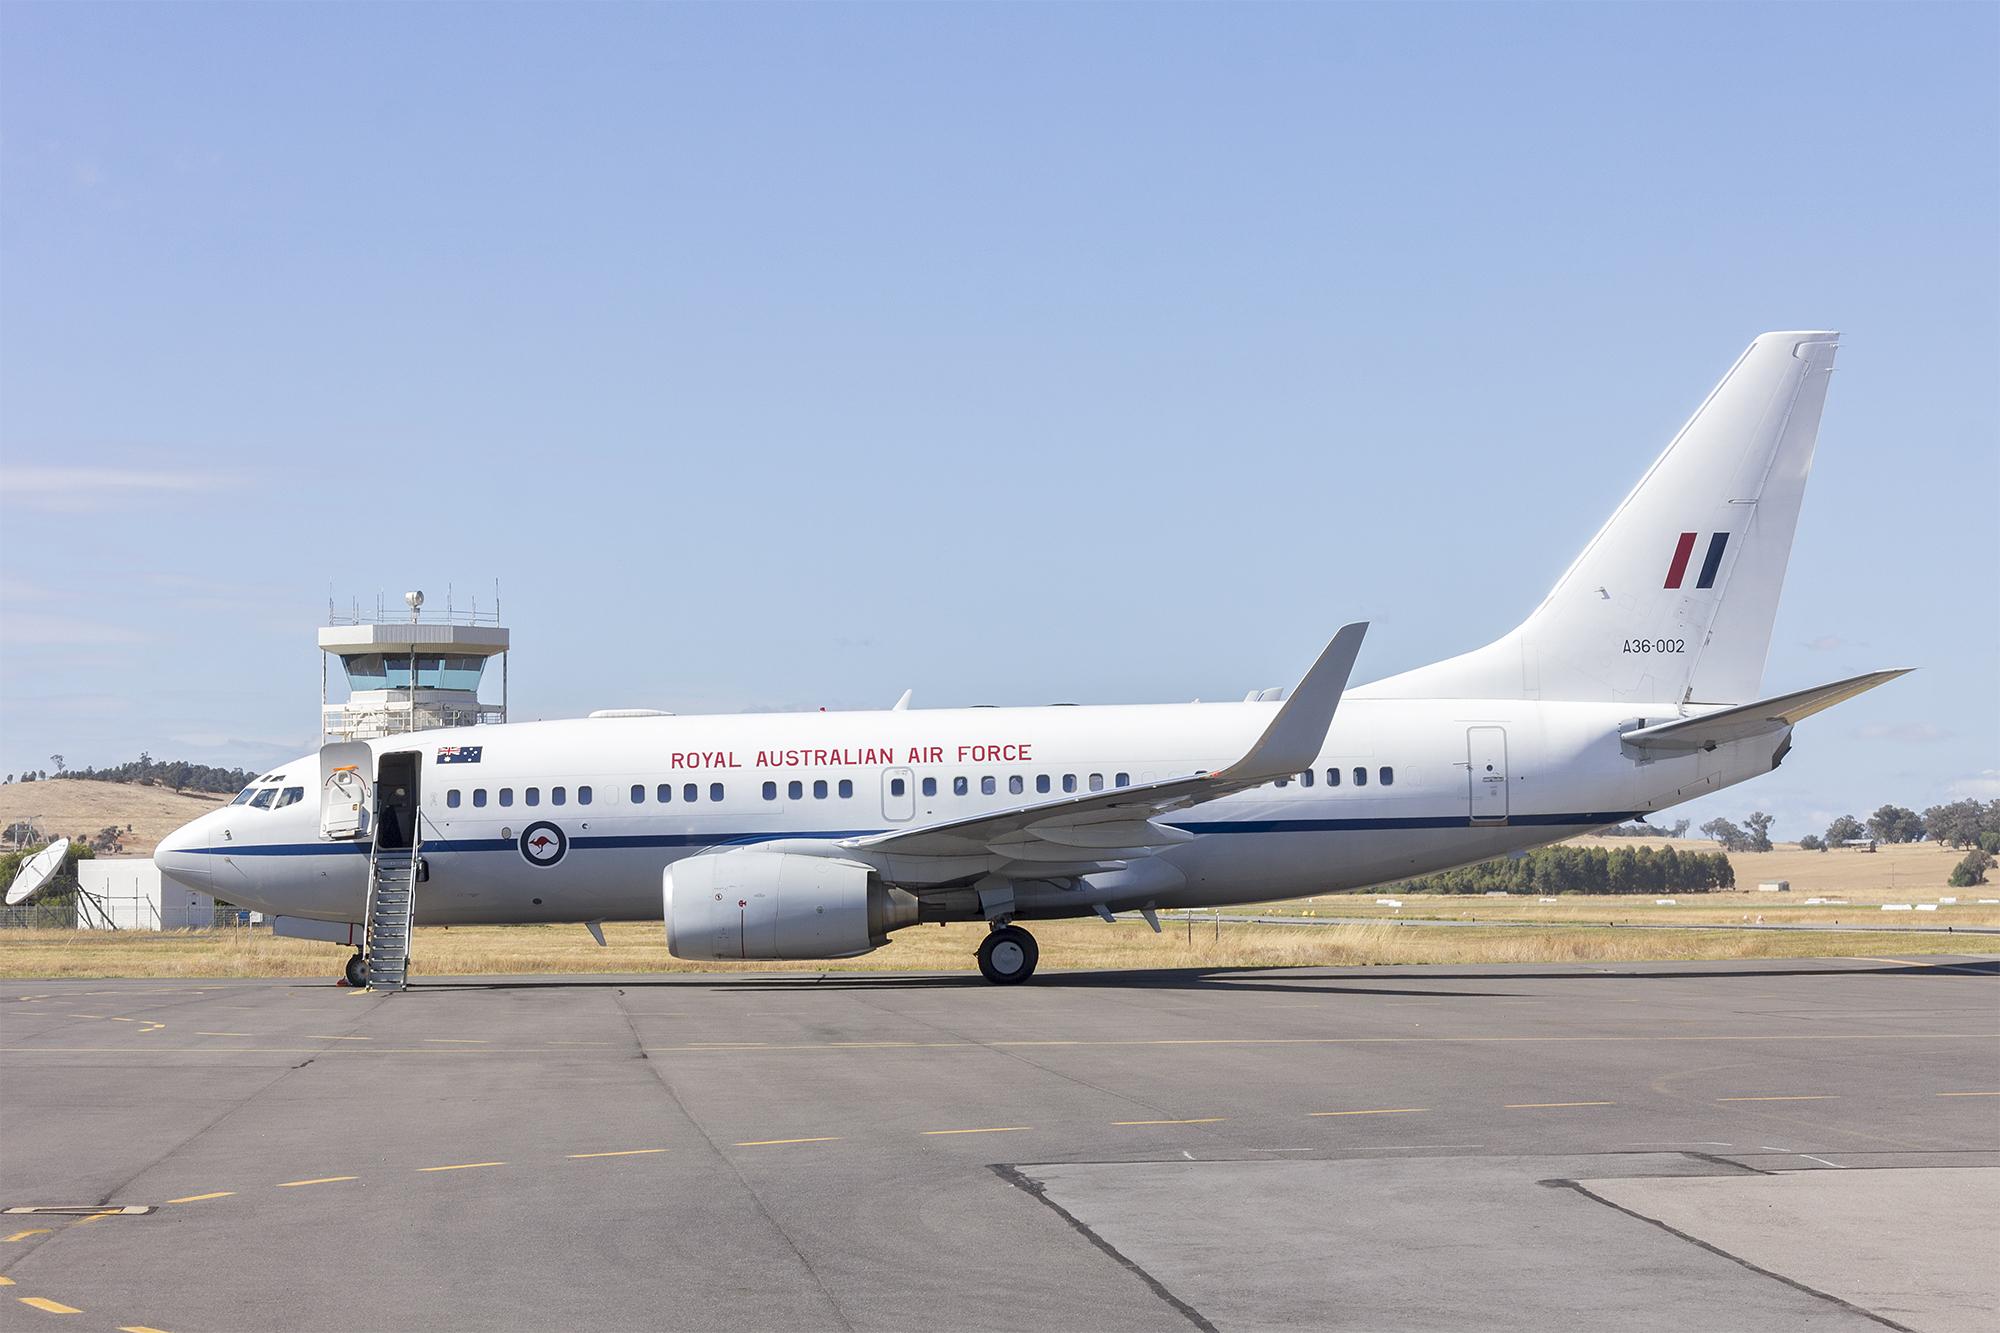 ग्रेटर नोएडा में जेवर हवाई अड्डे को विकसित करने के लिए वैश्विक बोलियां आमंत्रित की गईं